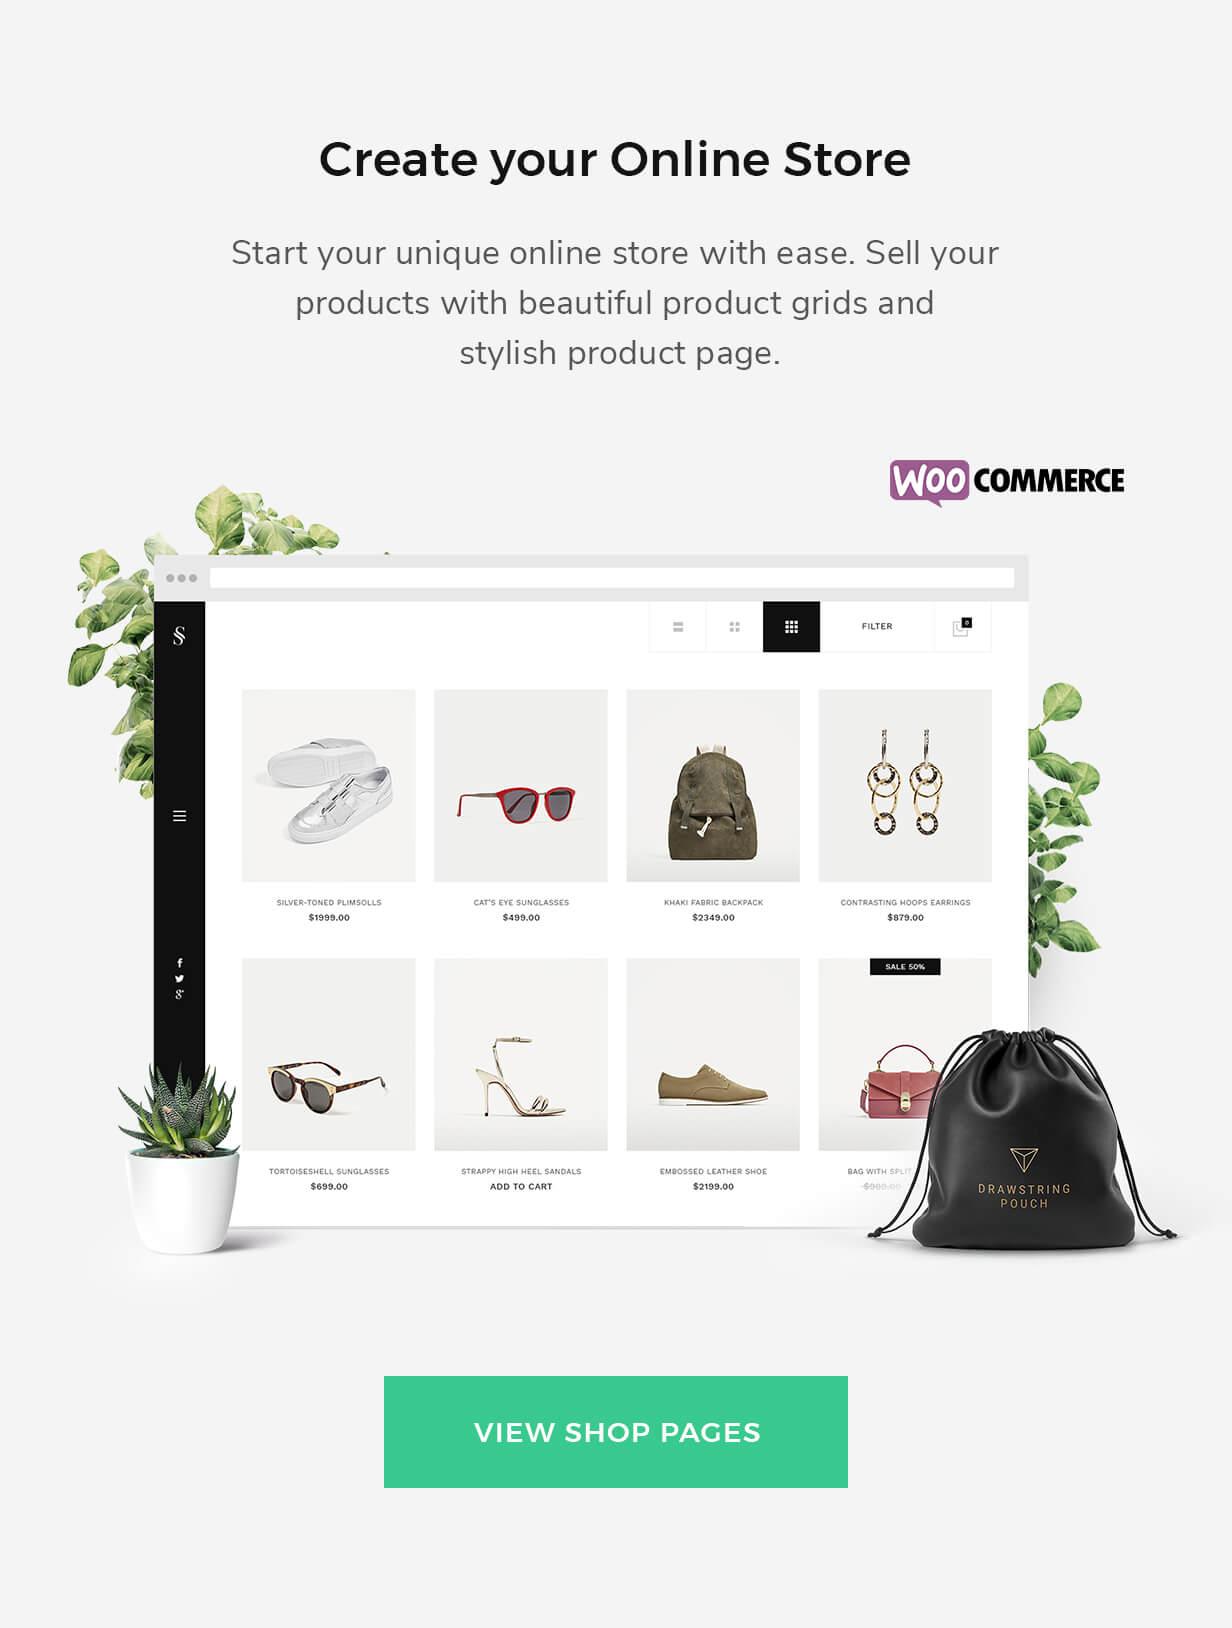 E-Commerce wird mit WooCommerce unterstützt